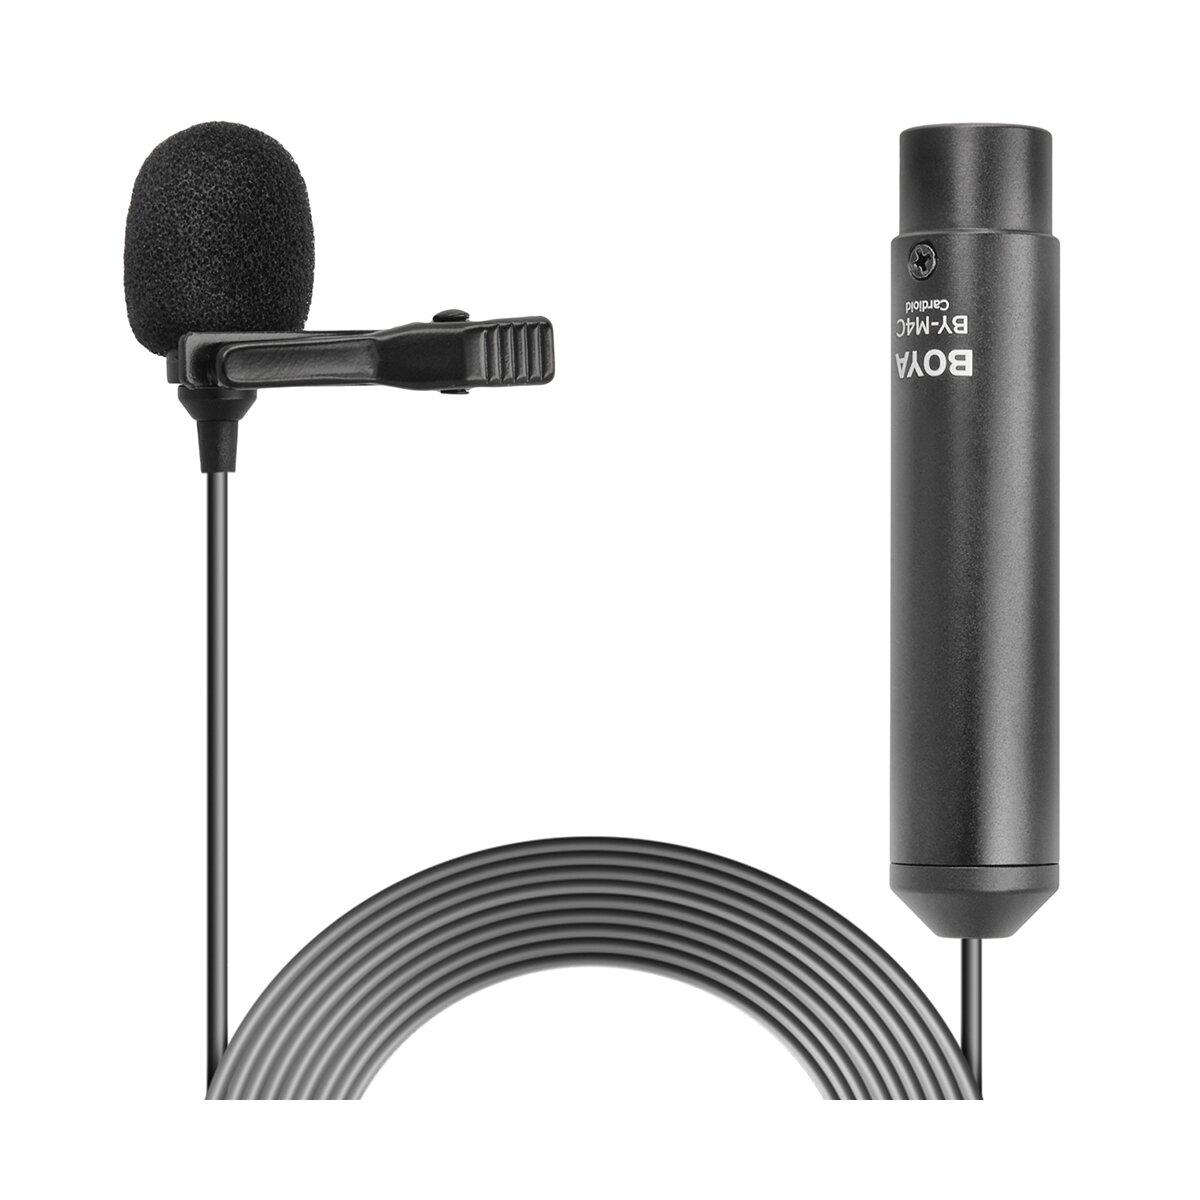 Boya BY-M4C Krawattenmikrofon für Digitale Spiegelreflexkamera, Schwarz